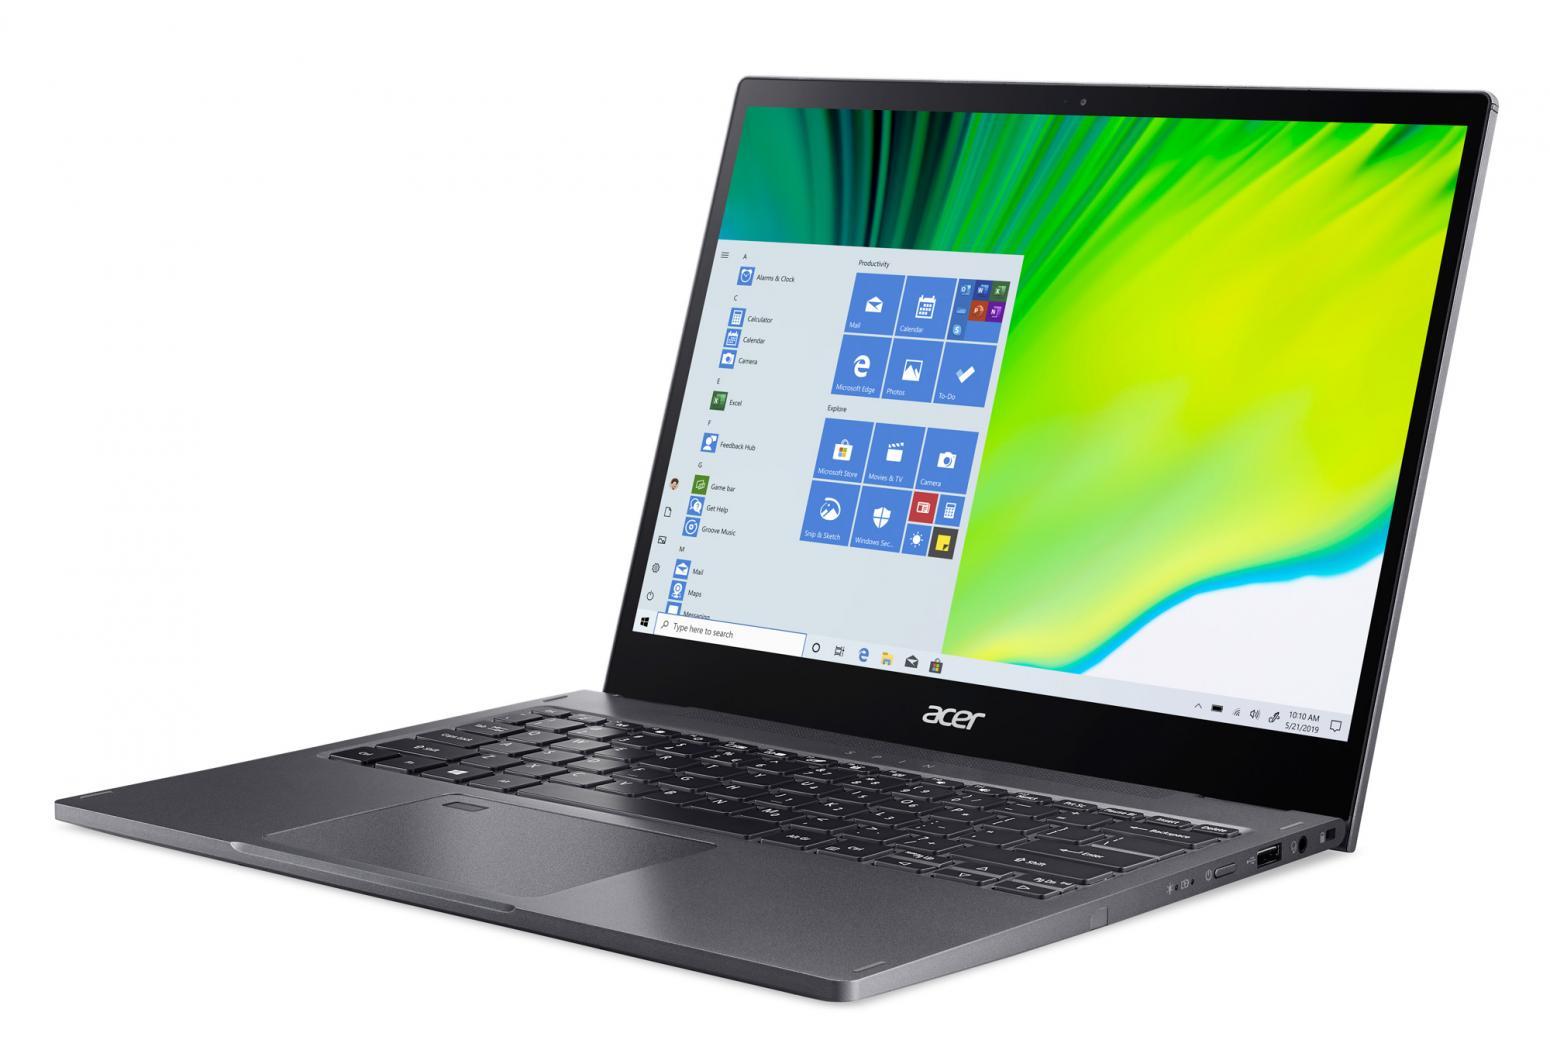 Ordinateur portable Acer Spin 5 SP513-54N-58VU Gris - QHD Tactile, Stylet - photo 5